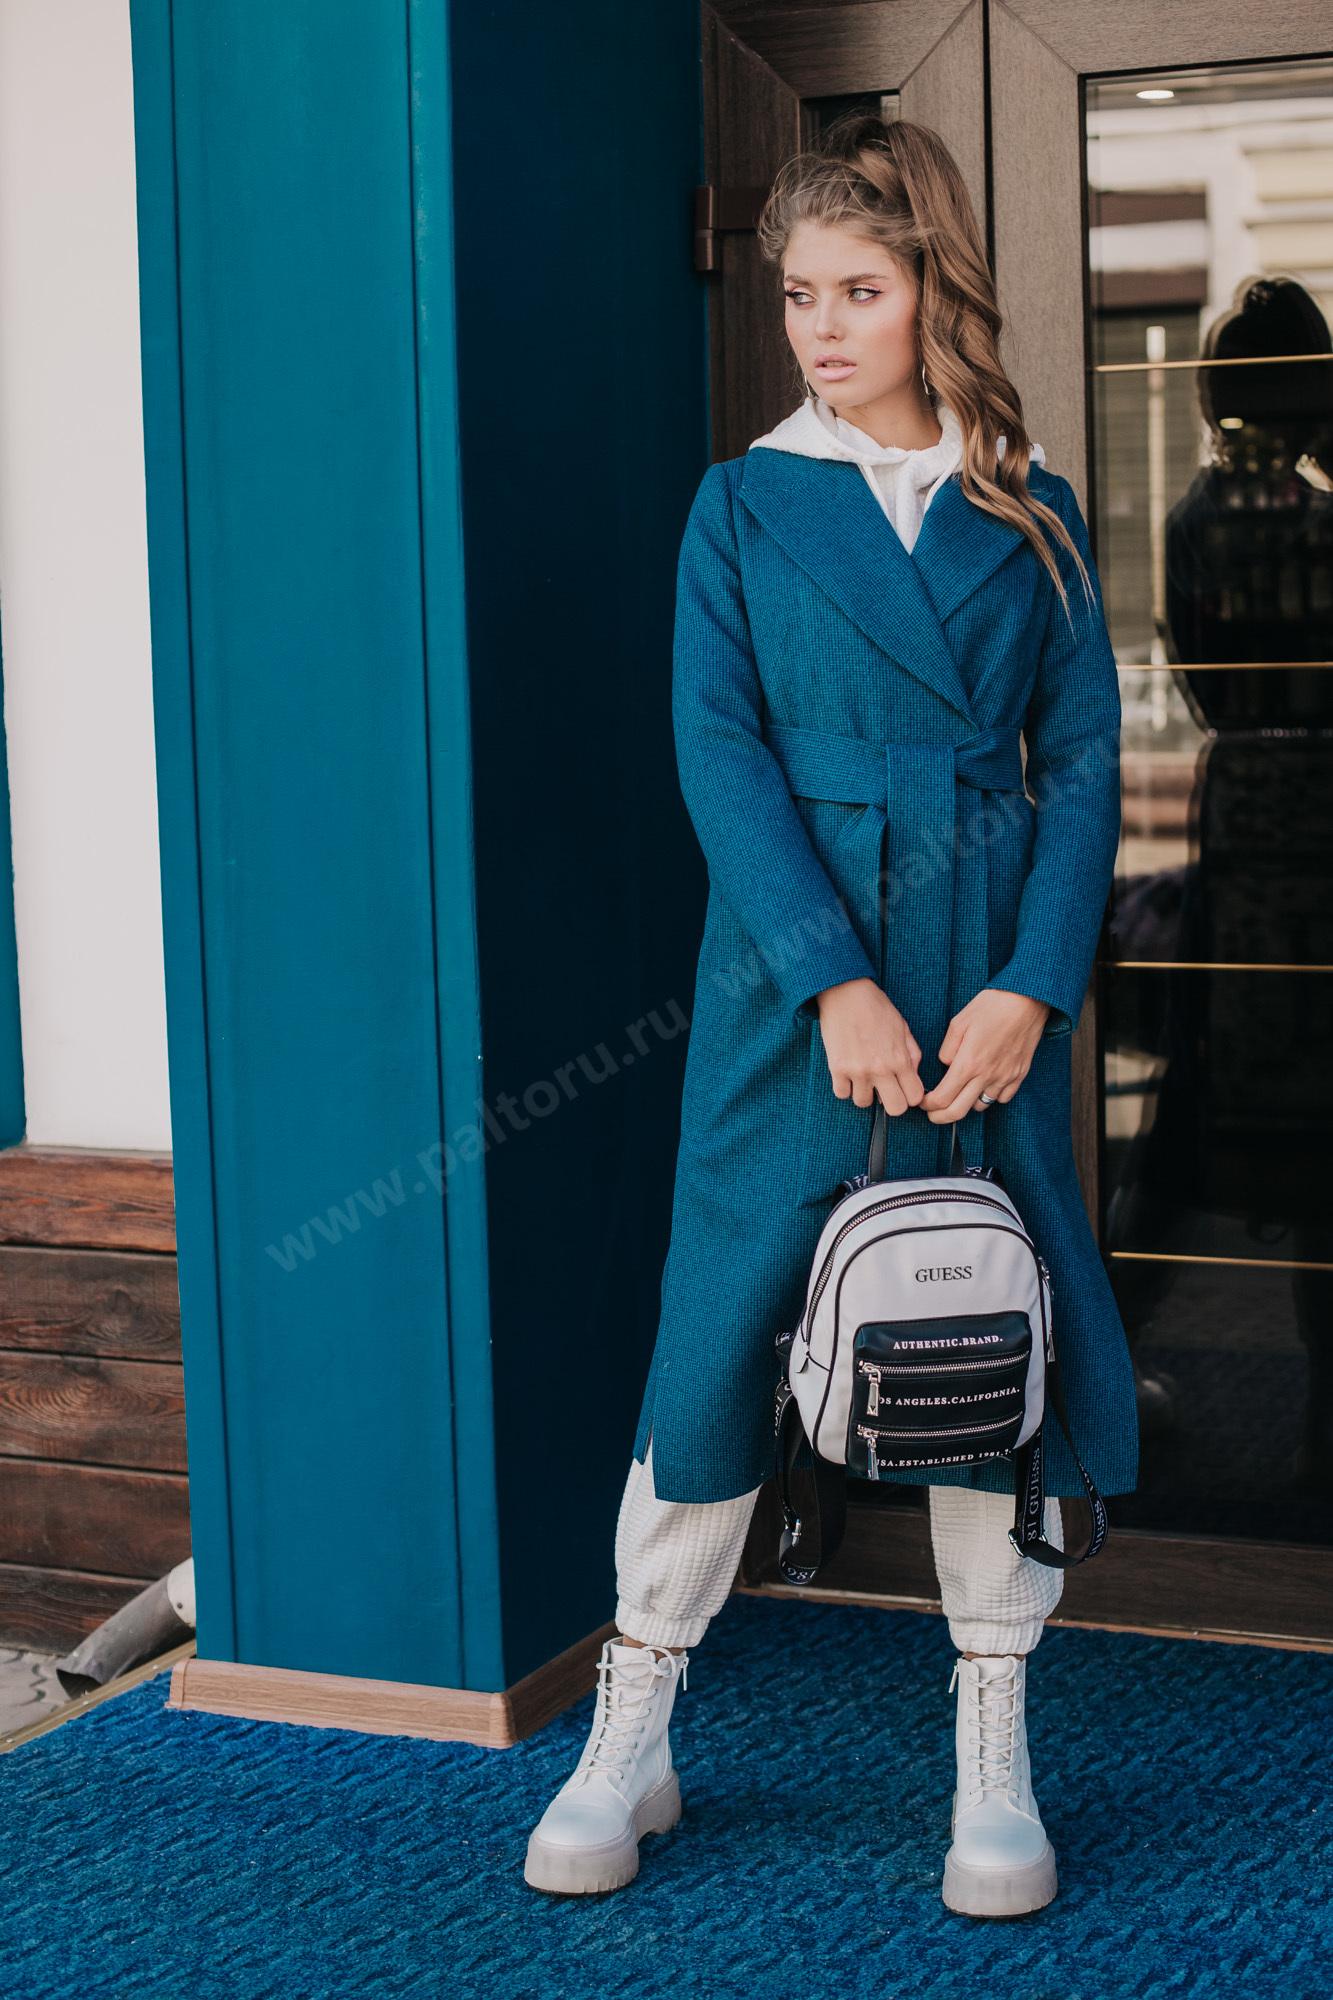 Классическое приталенное пальто с идеальной посадкой выполнено из дизайнерское шерстяной ткани